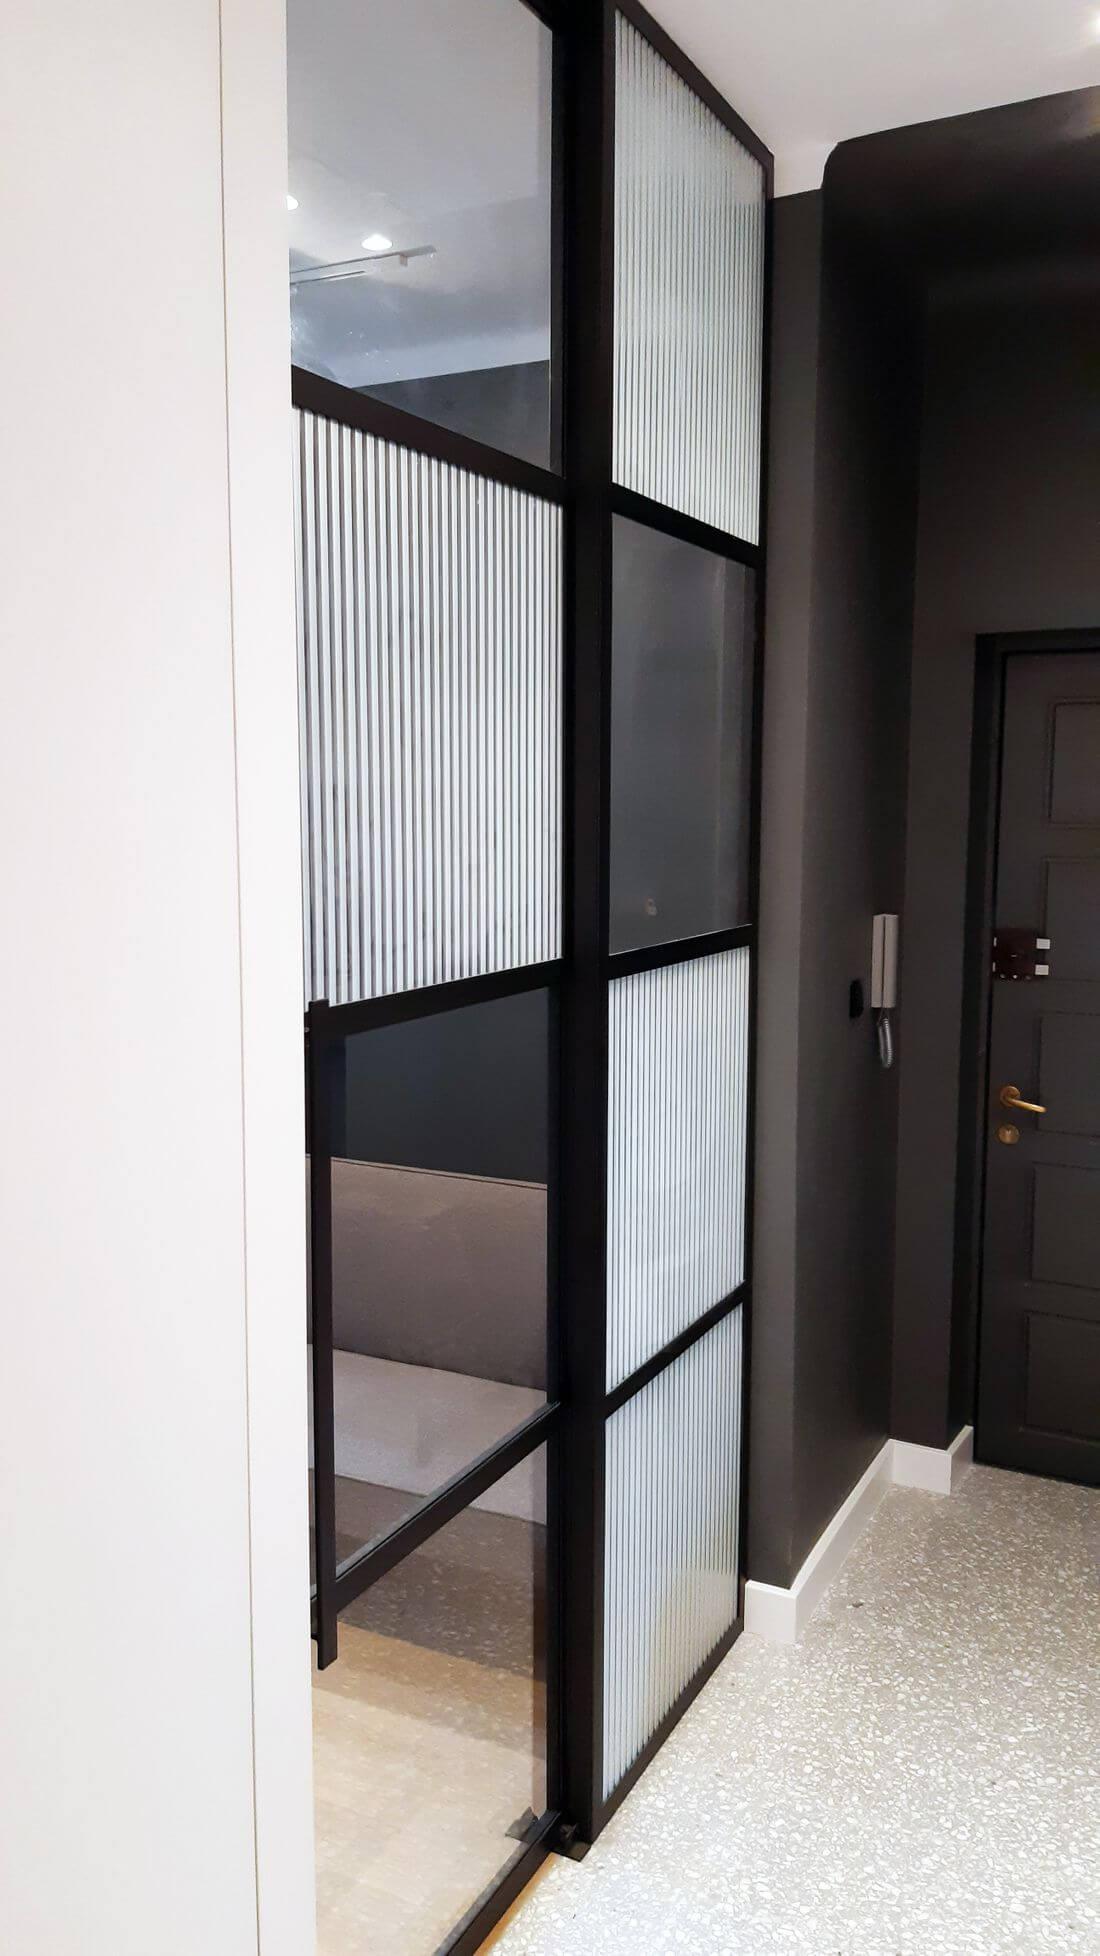 Drzwi rozsuwane loftowe ze szkła i metalu z szyną w suficie w przedpokoju pomalowanym na szaro